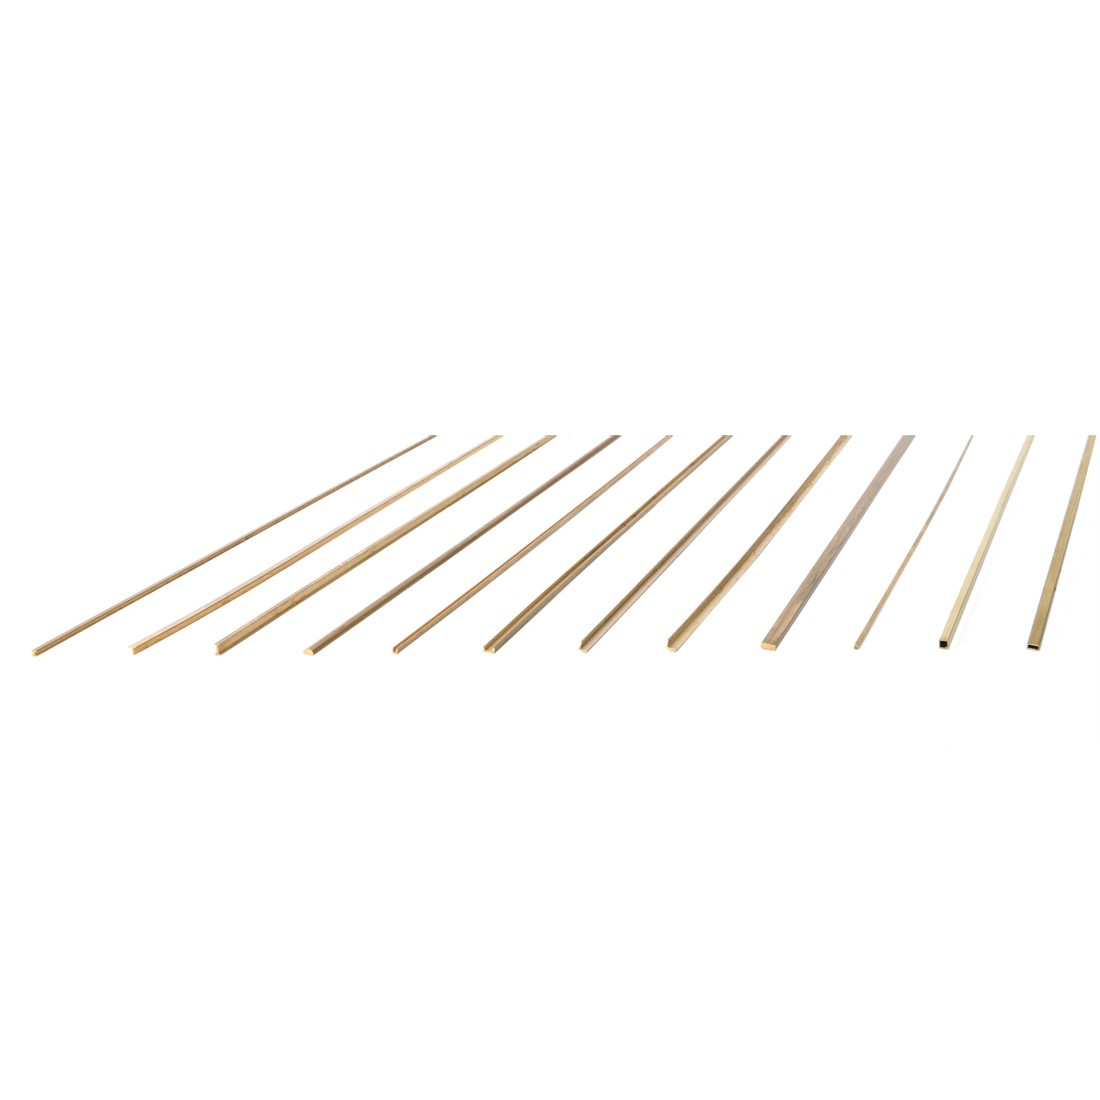 Ángulos de latón 2x4x0,4